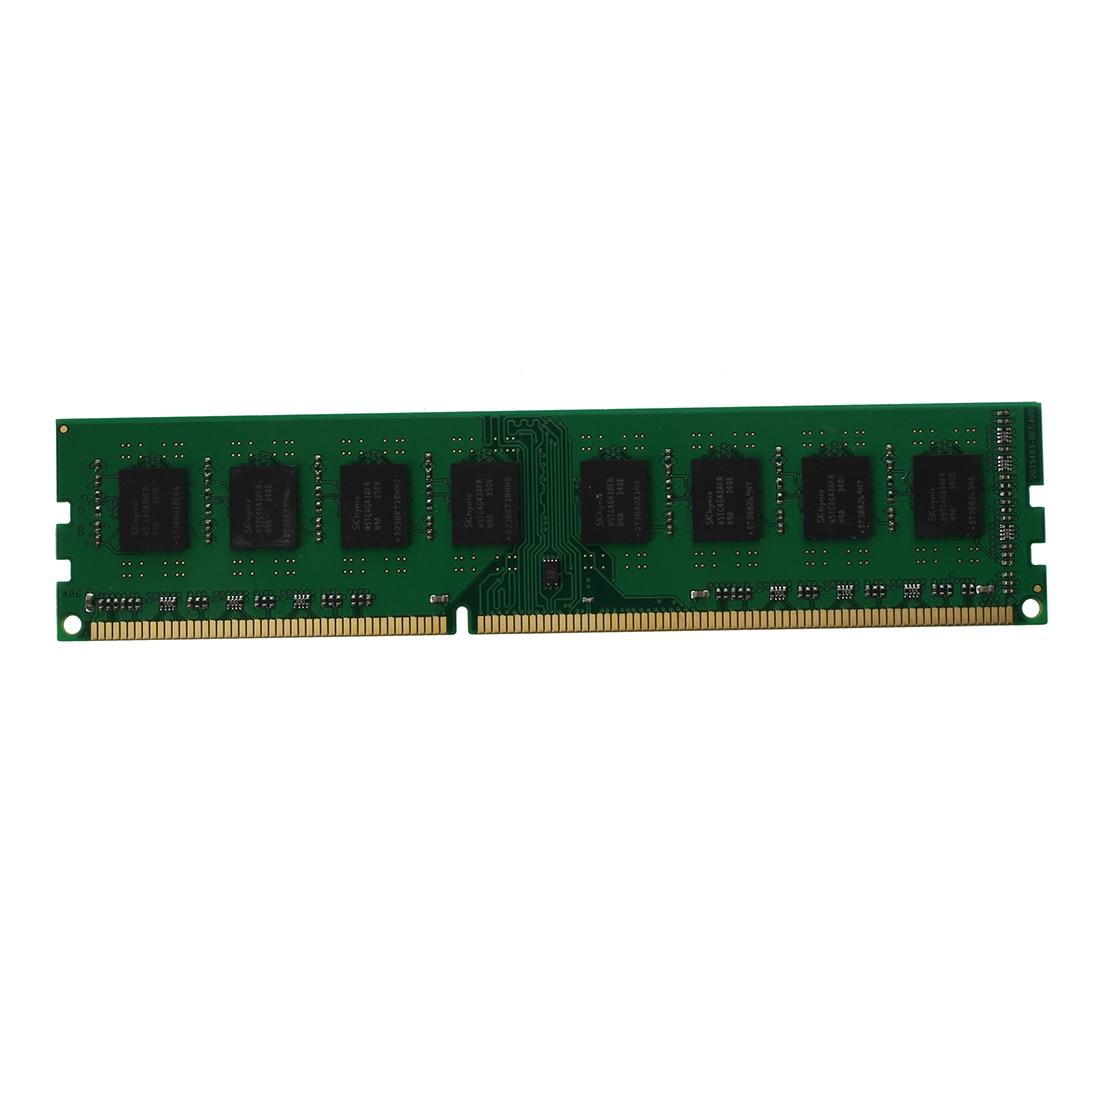 8 gb PC Mémoire Module RAM DDR3 PC3-10600 1333 mhz DIMM Bureau Pour AMD Système